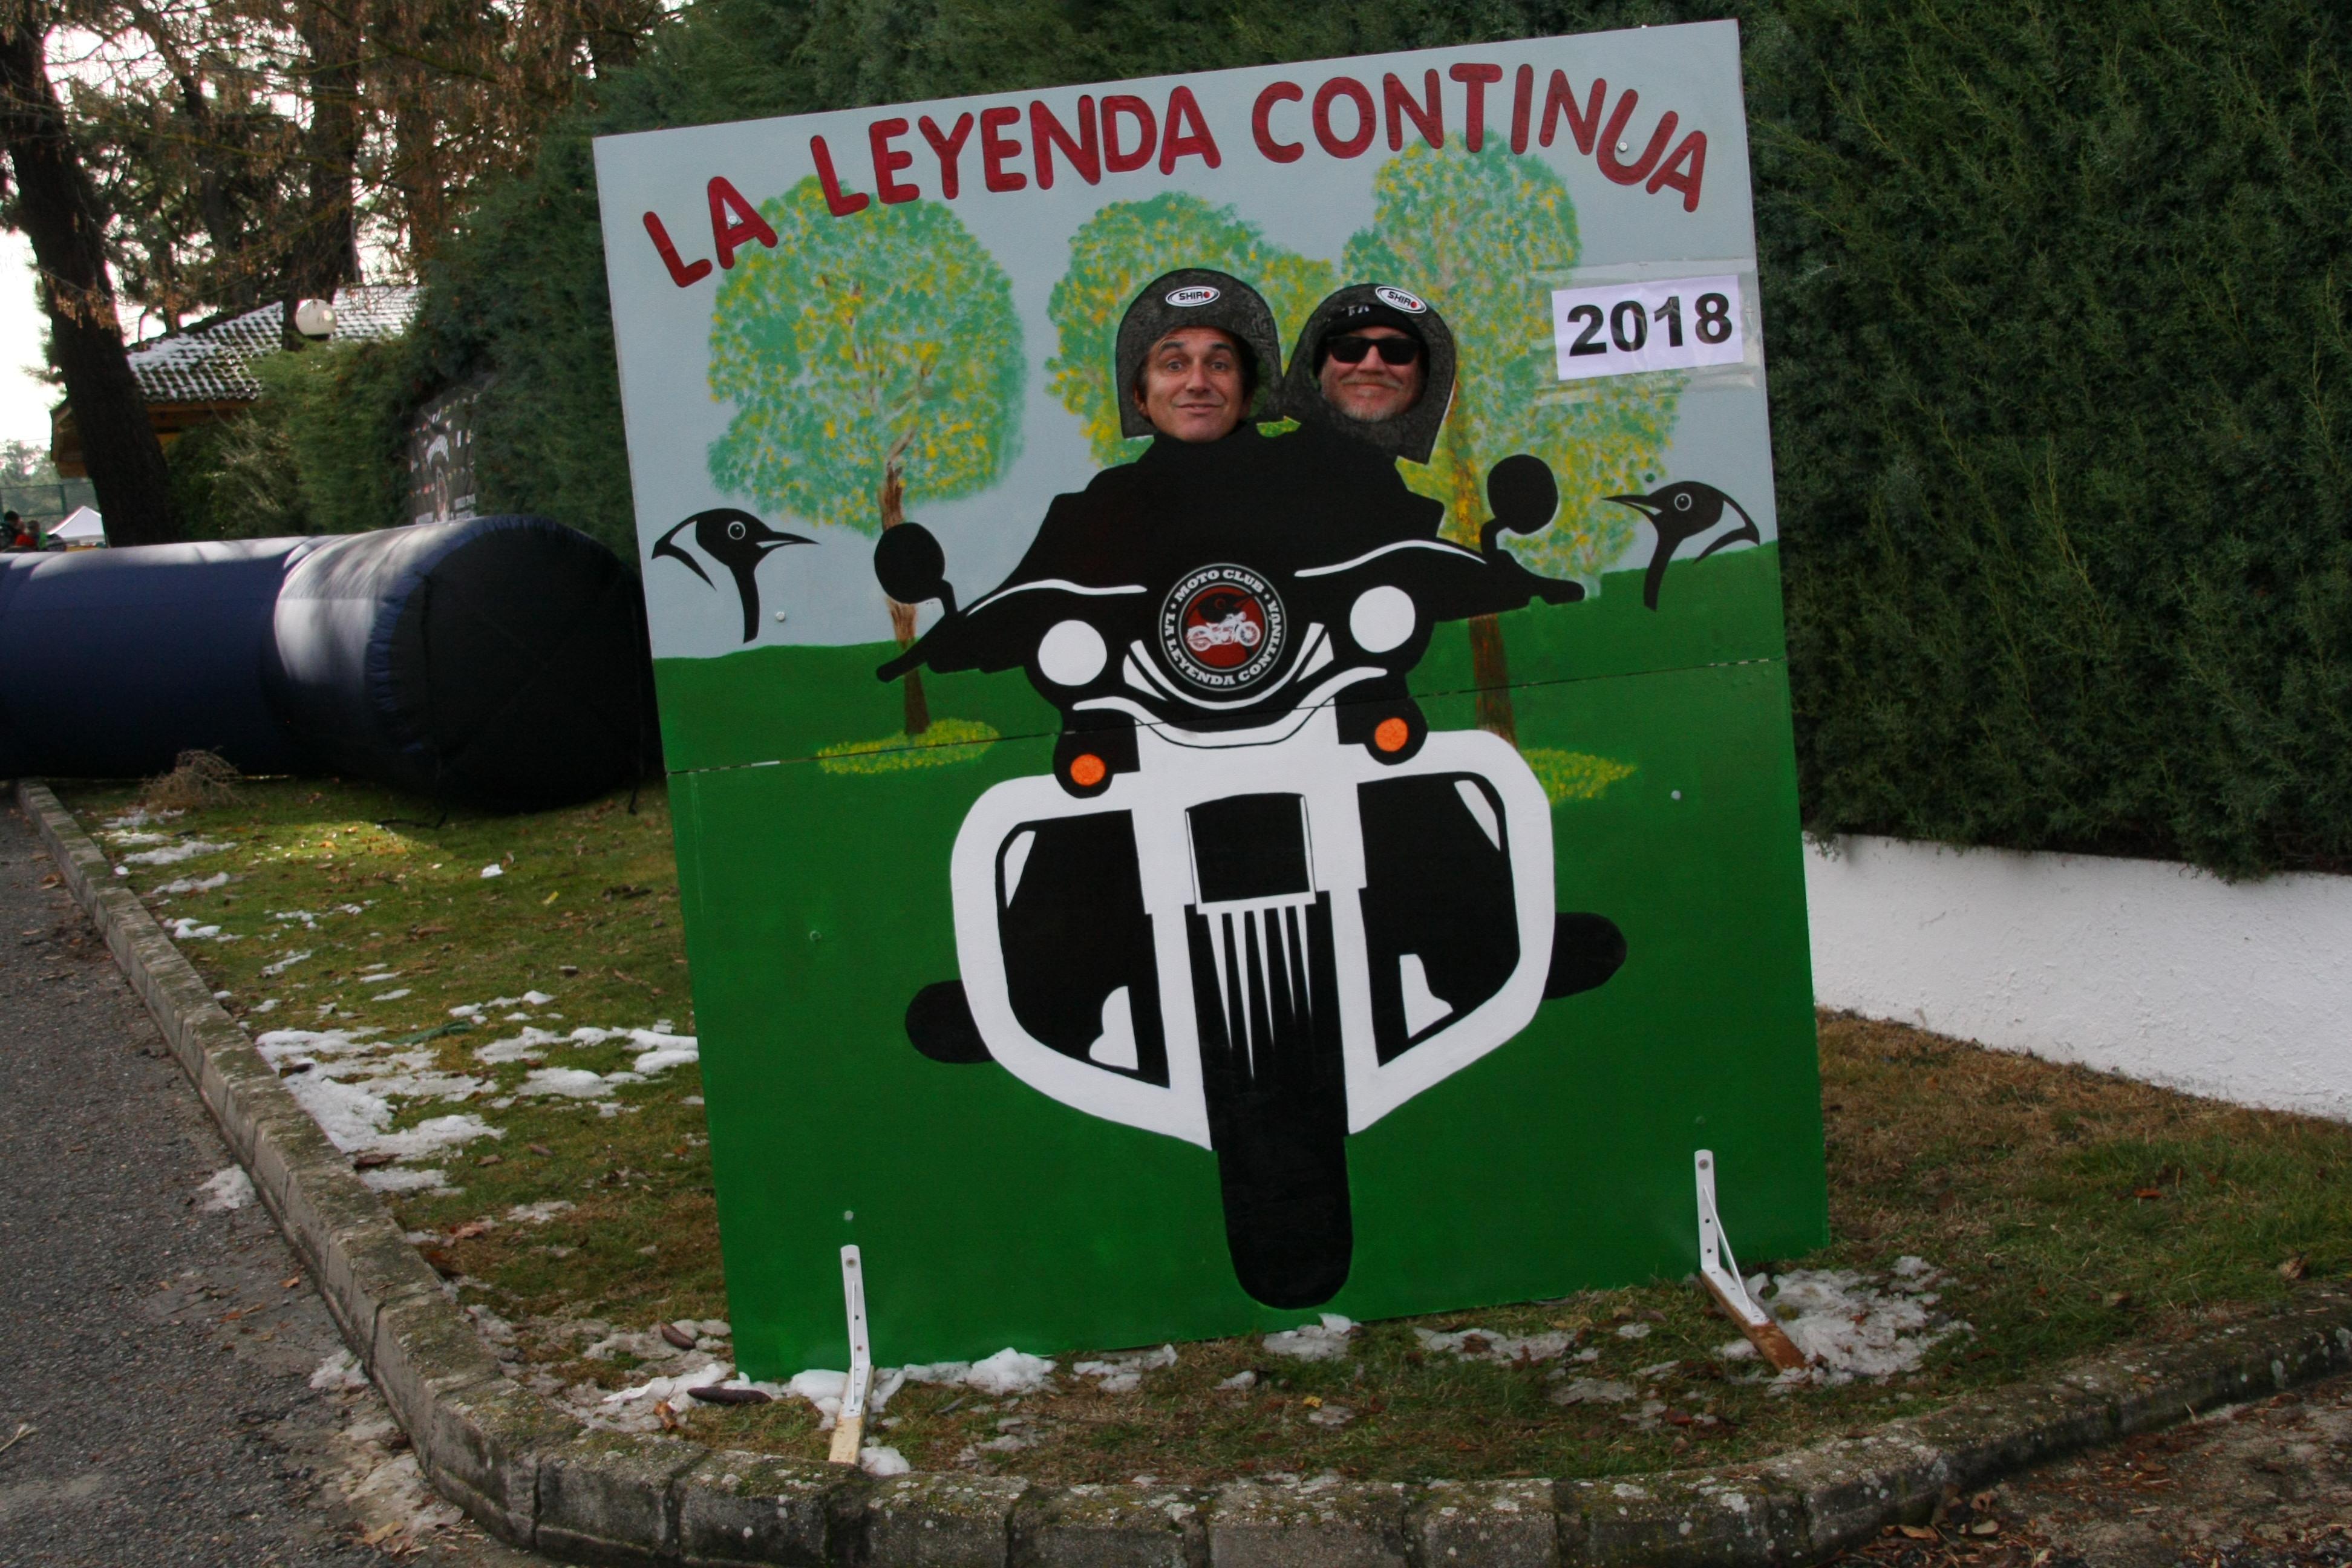 Concentración La Leyenda 2018 MotorADN (57)